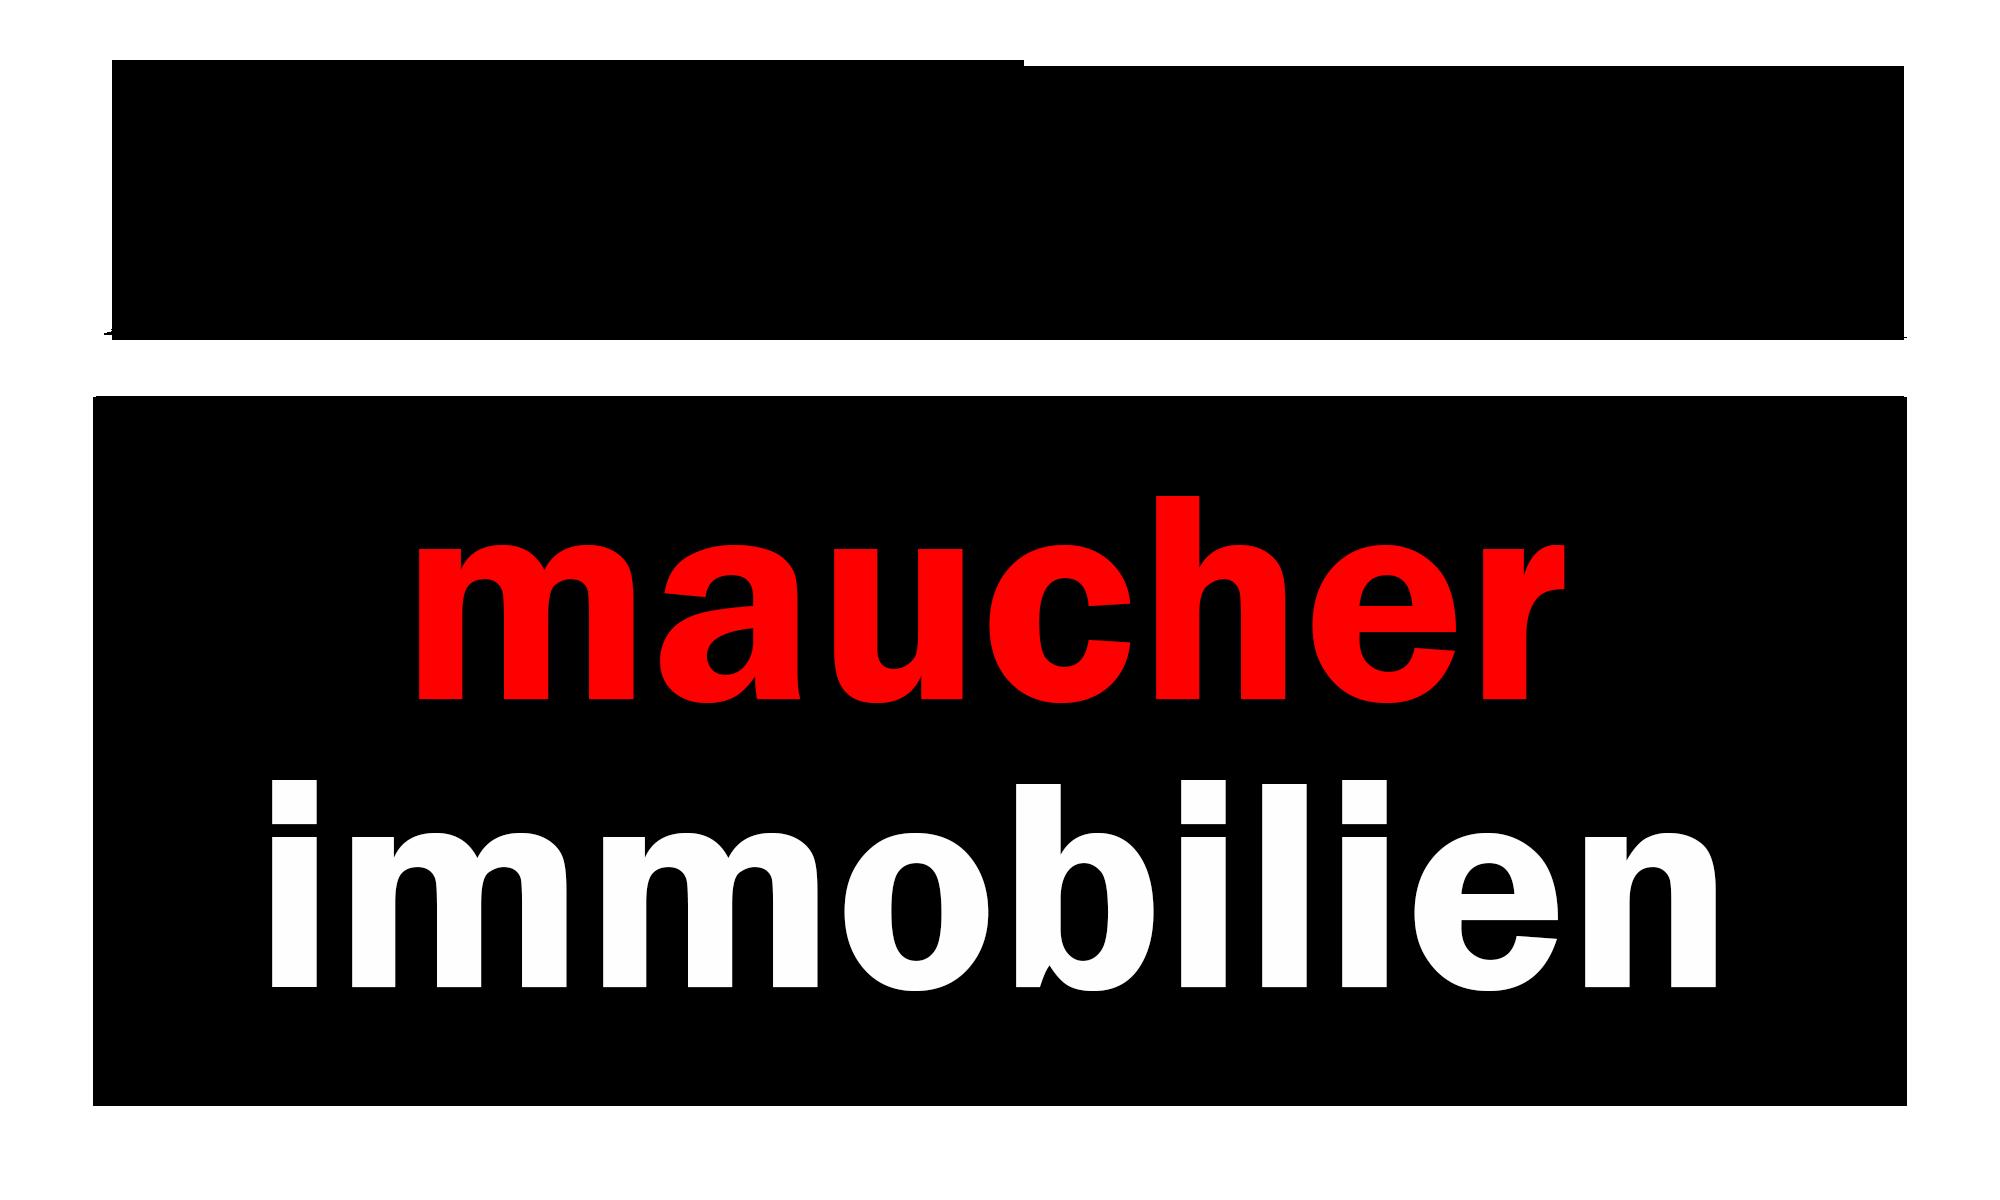 maucher Immobilien - Immobilienmakler Friedrichshafen, Lindau, Ravensburg und Bodensee